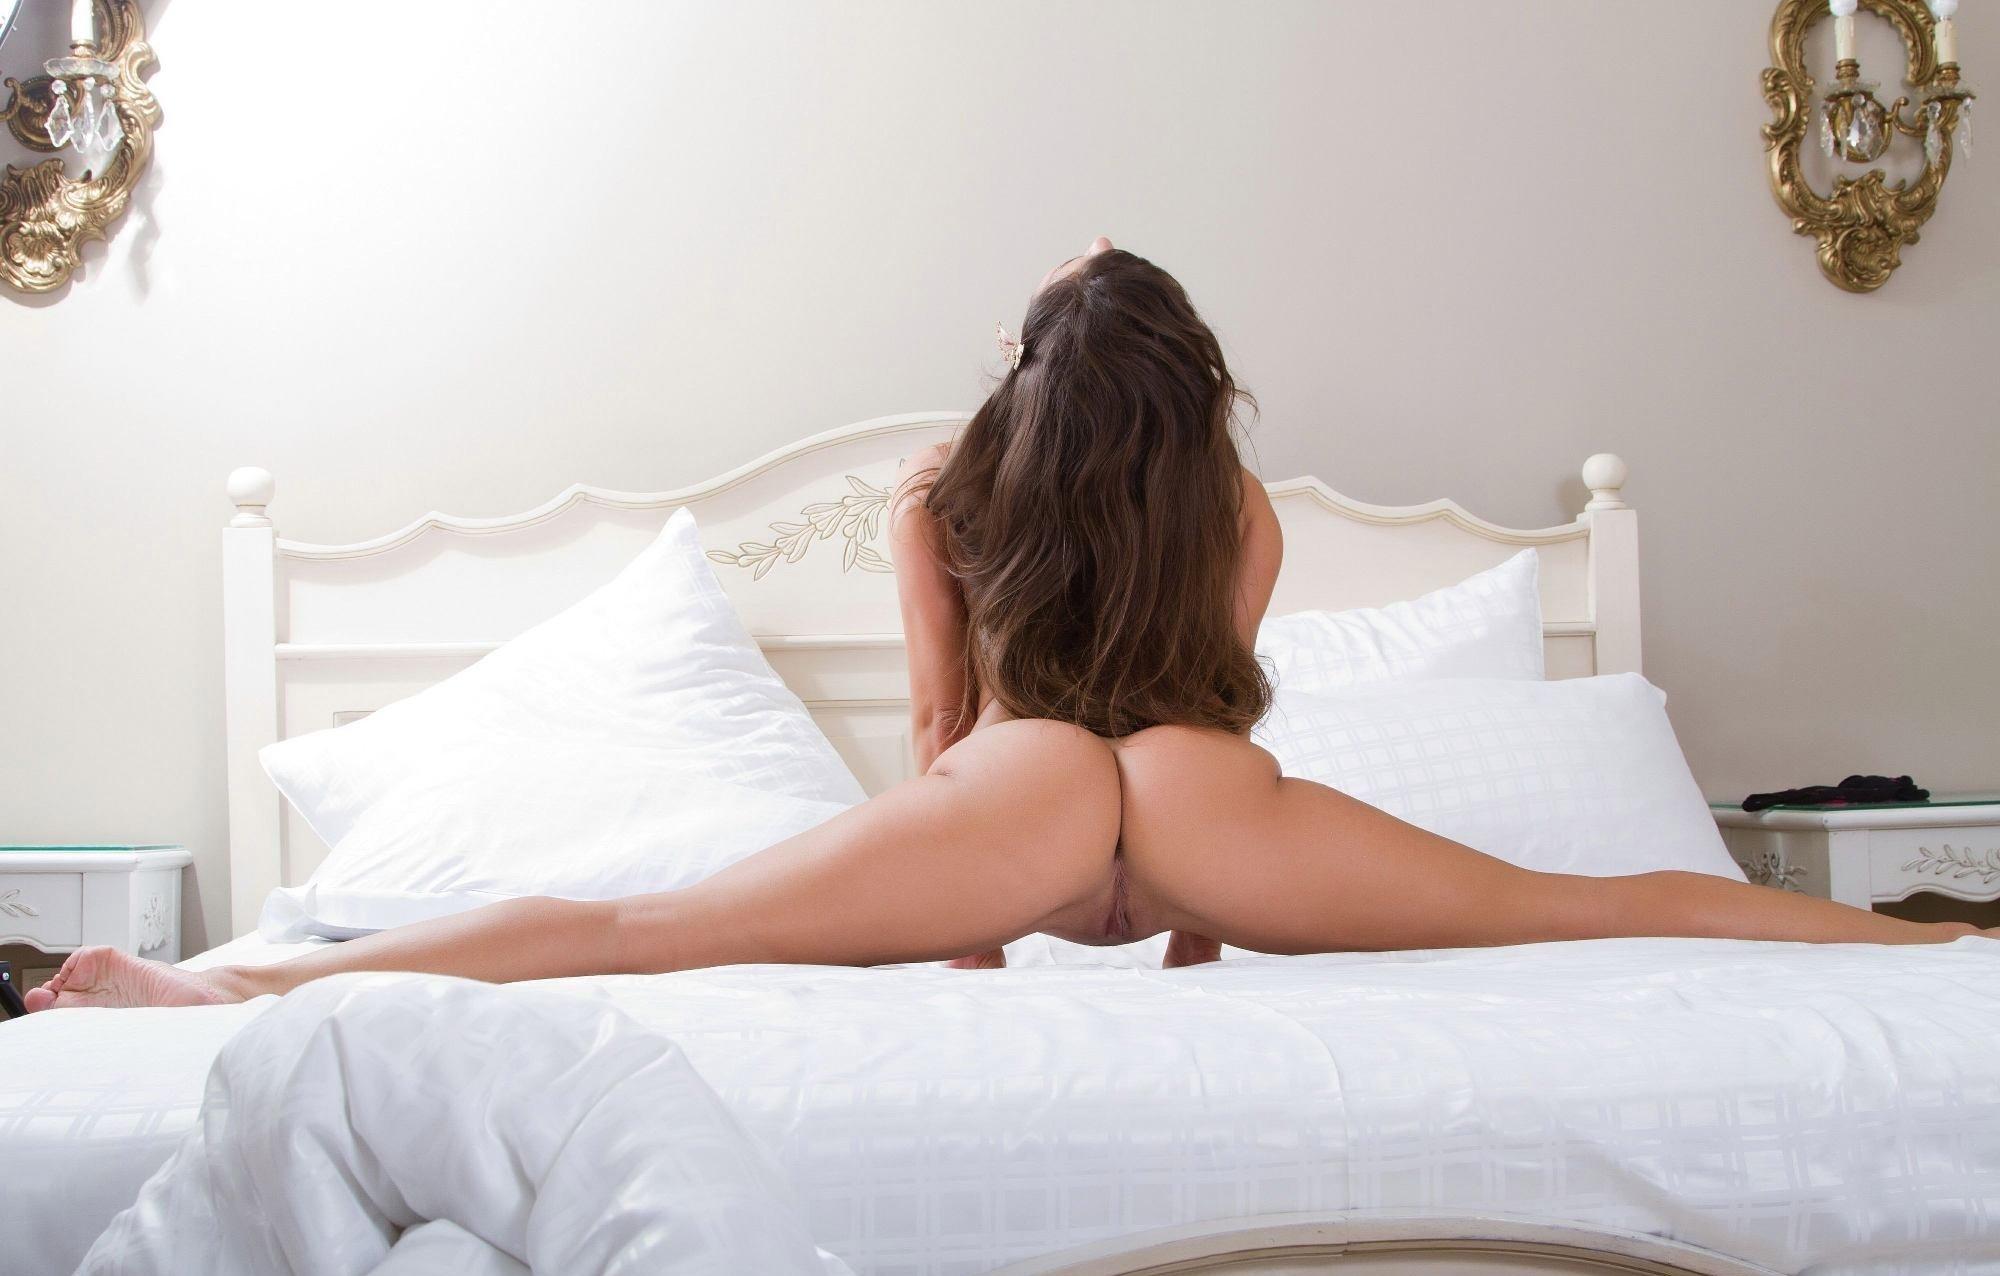 Фото голой девушке на шпагат, Гимнастки отличные порно фото порева ебли и секса 14 фотография